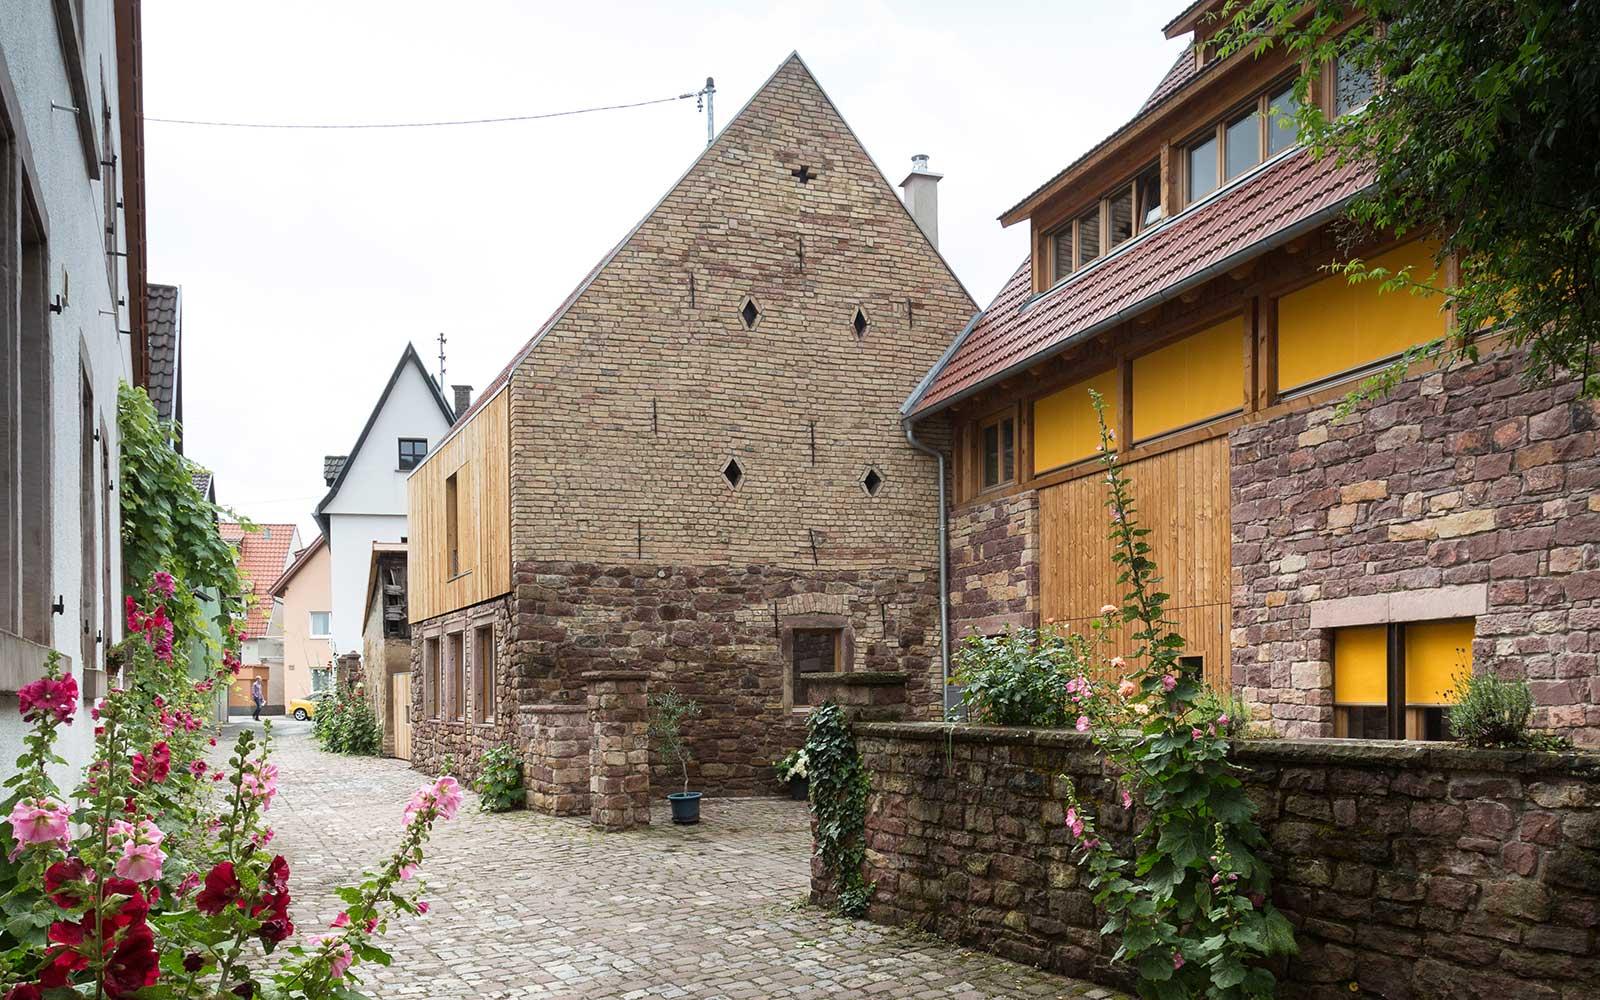 Vogelhaus in Heidelberg Rohrbach, Kochhan und Weckbach Architekten Heidelberg